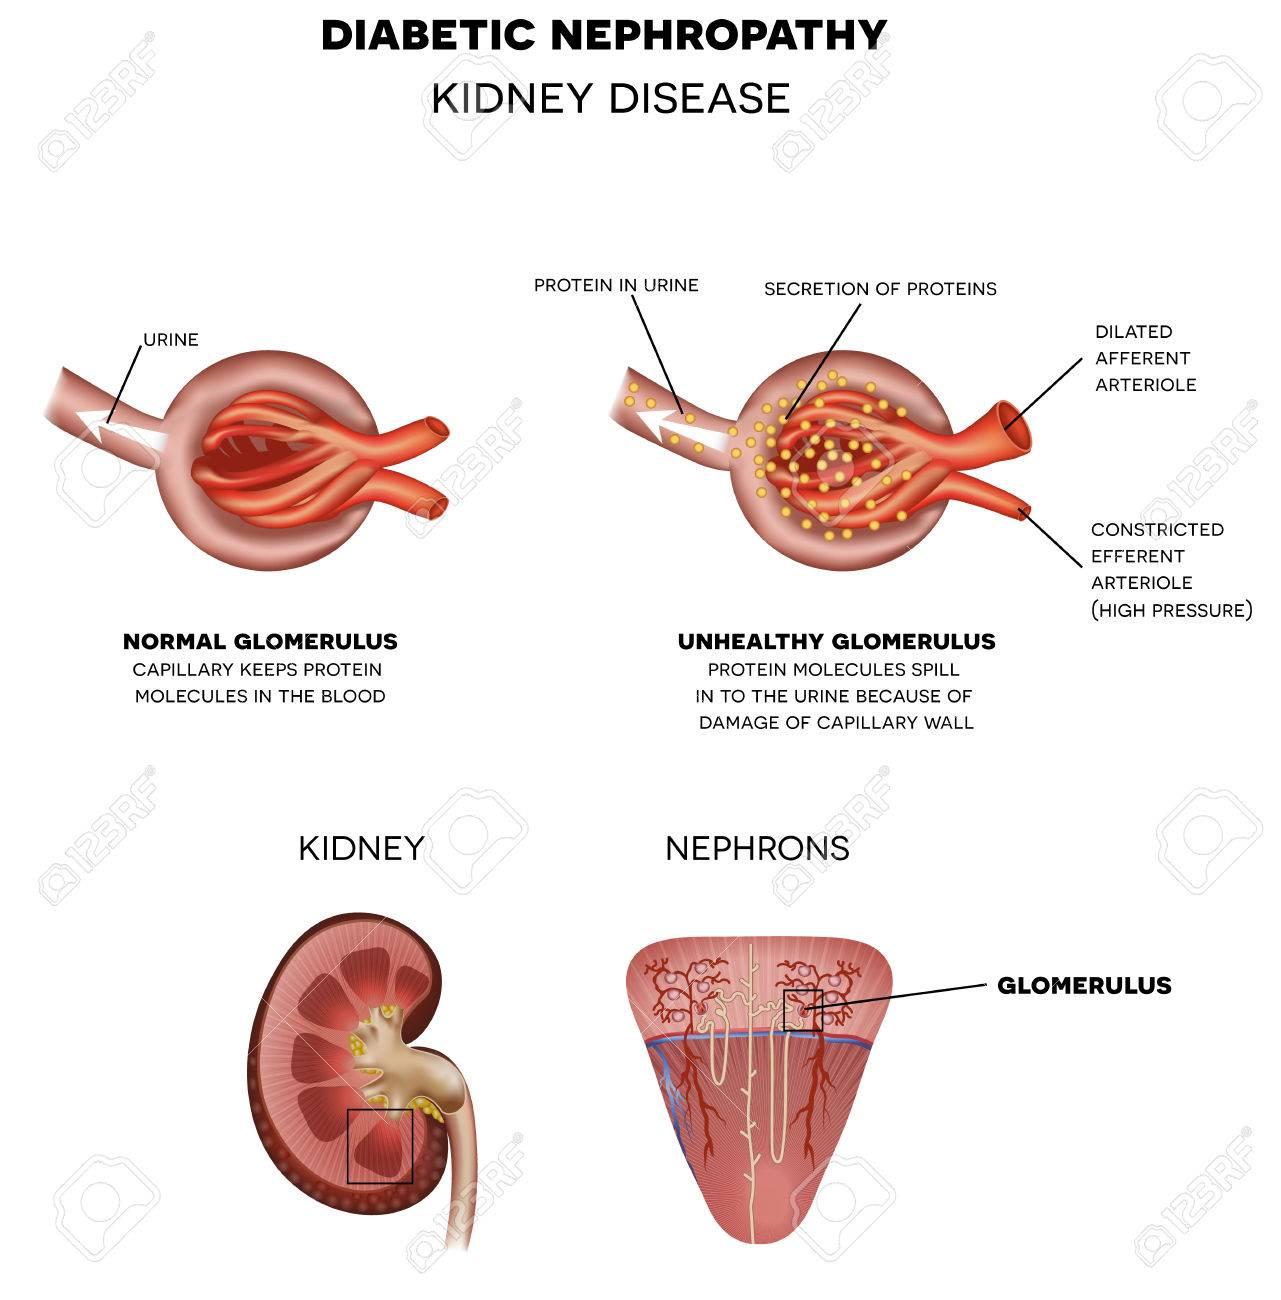 enfermedad renal causada por diabetes